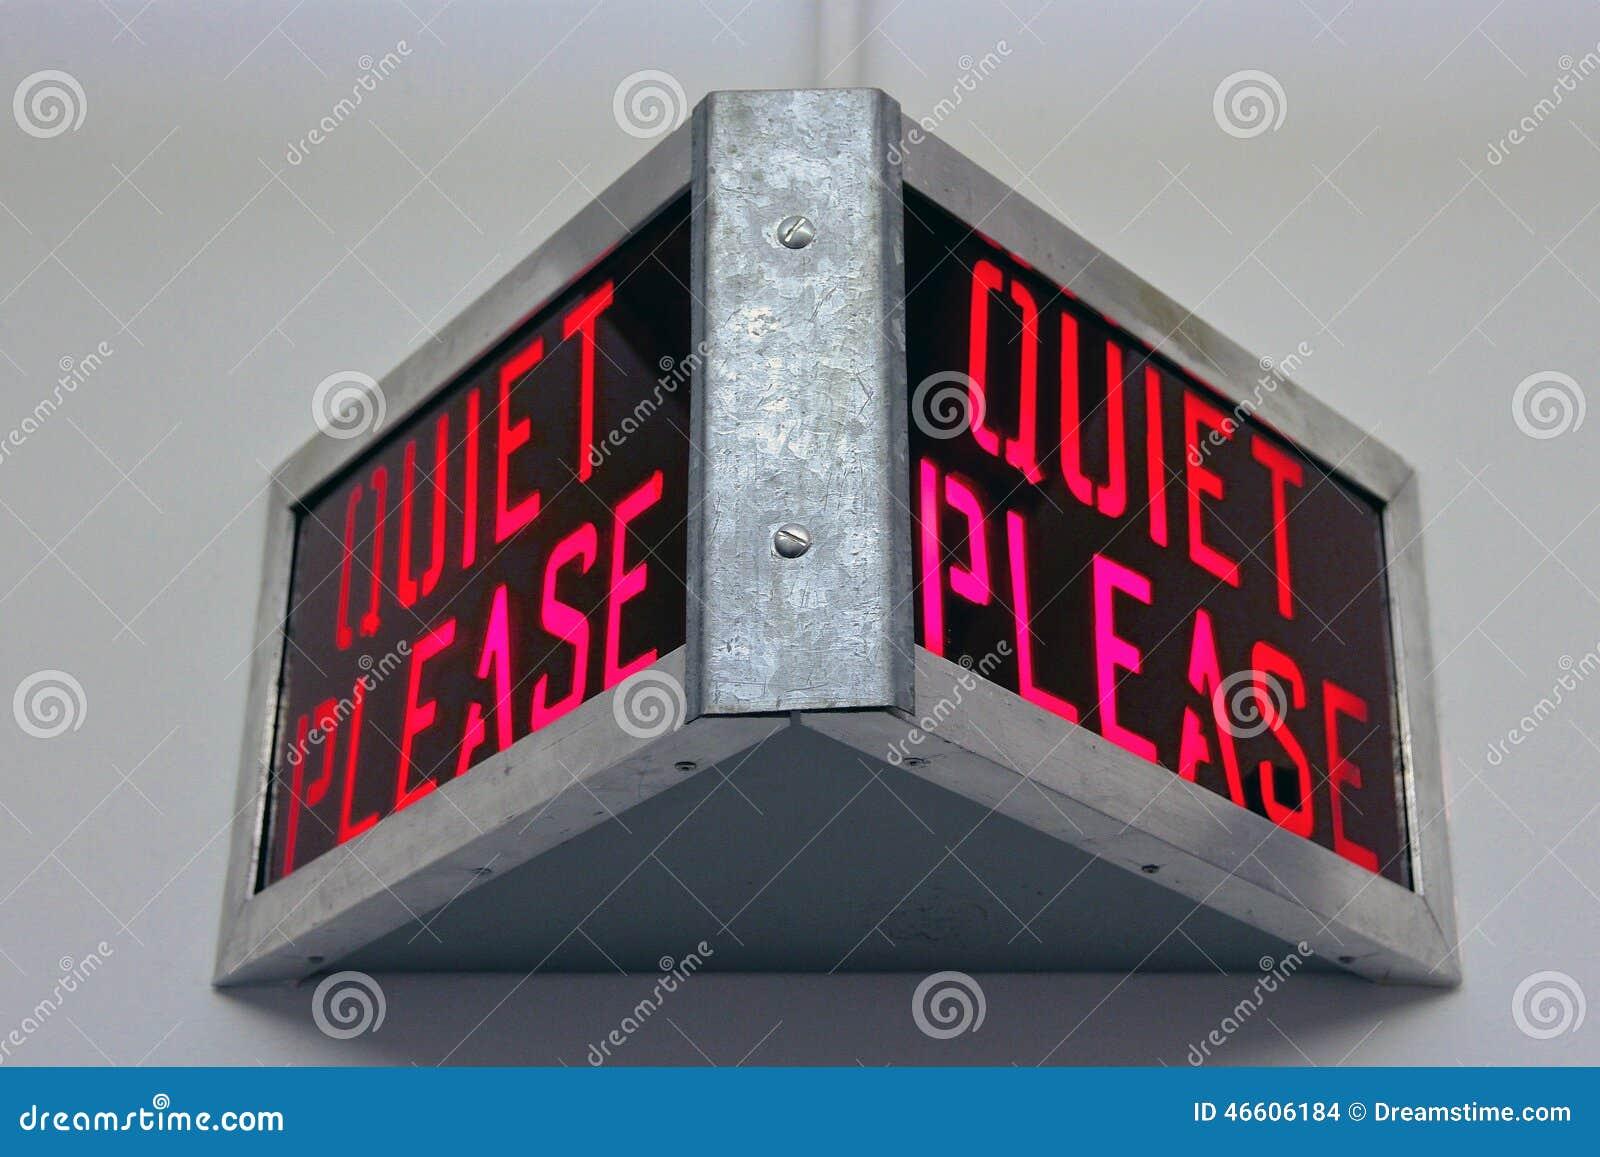 Quiet Please Testing Sign File Name  quiet-please-